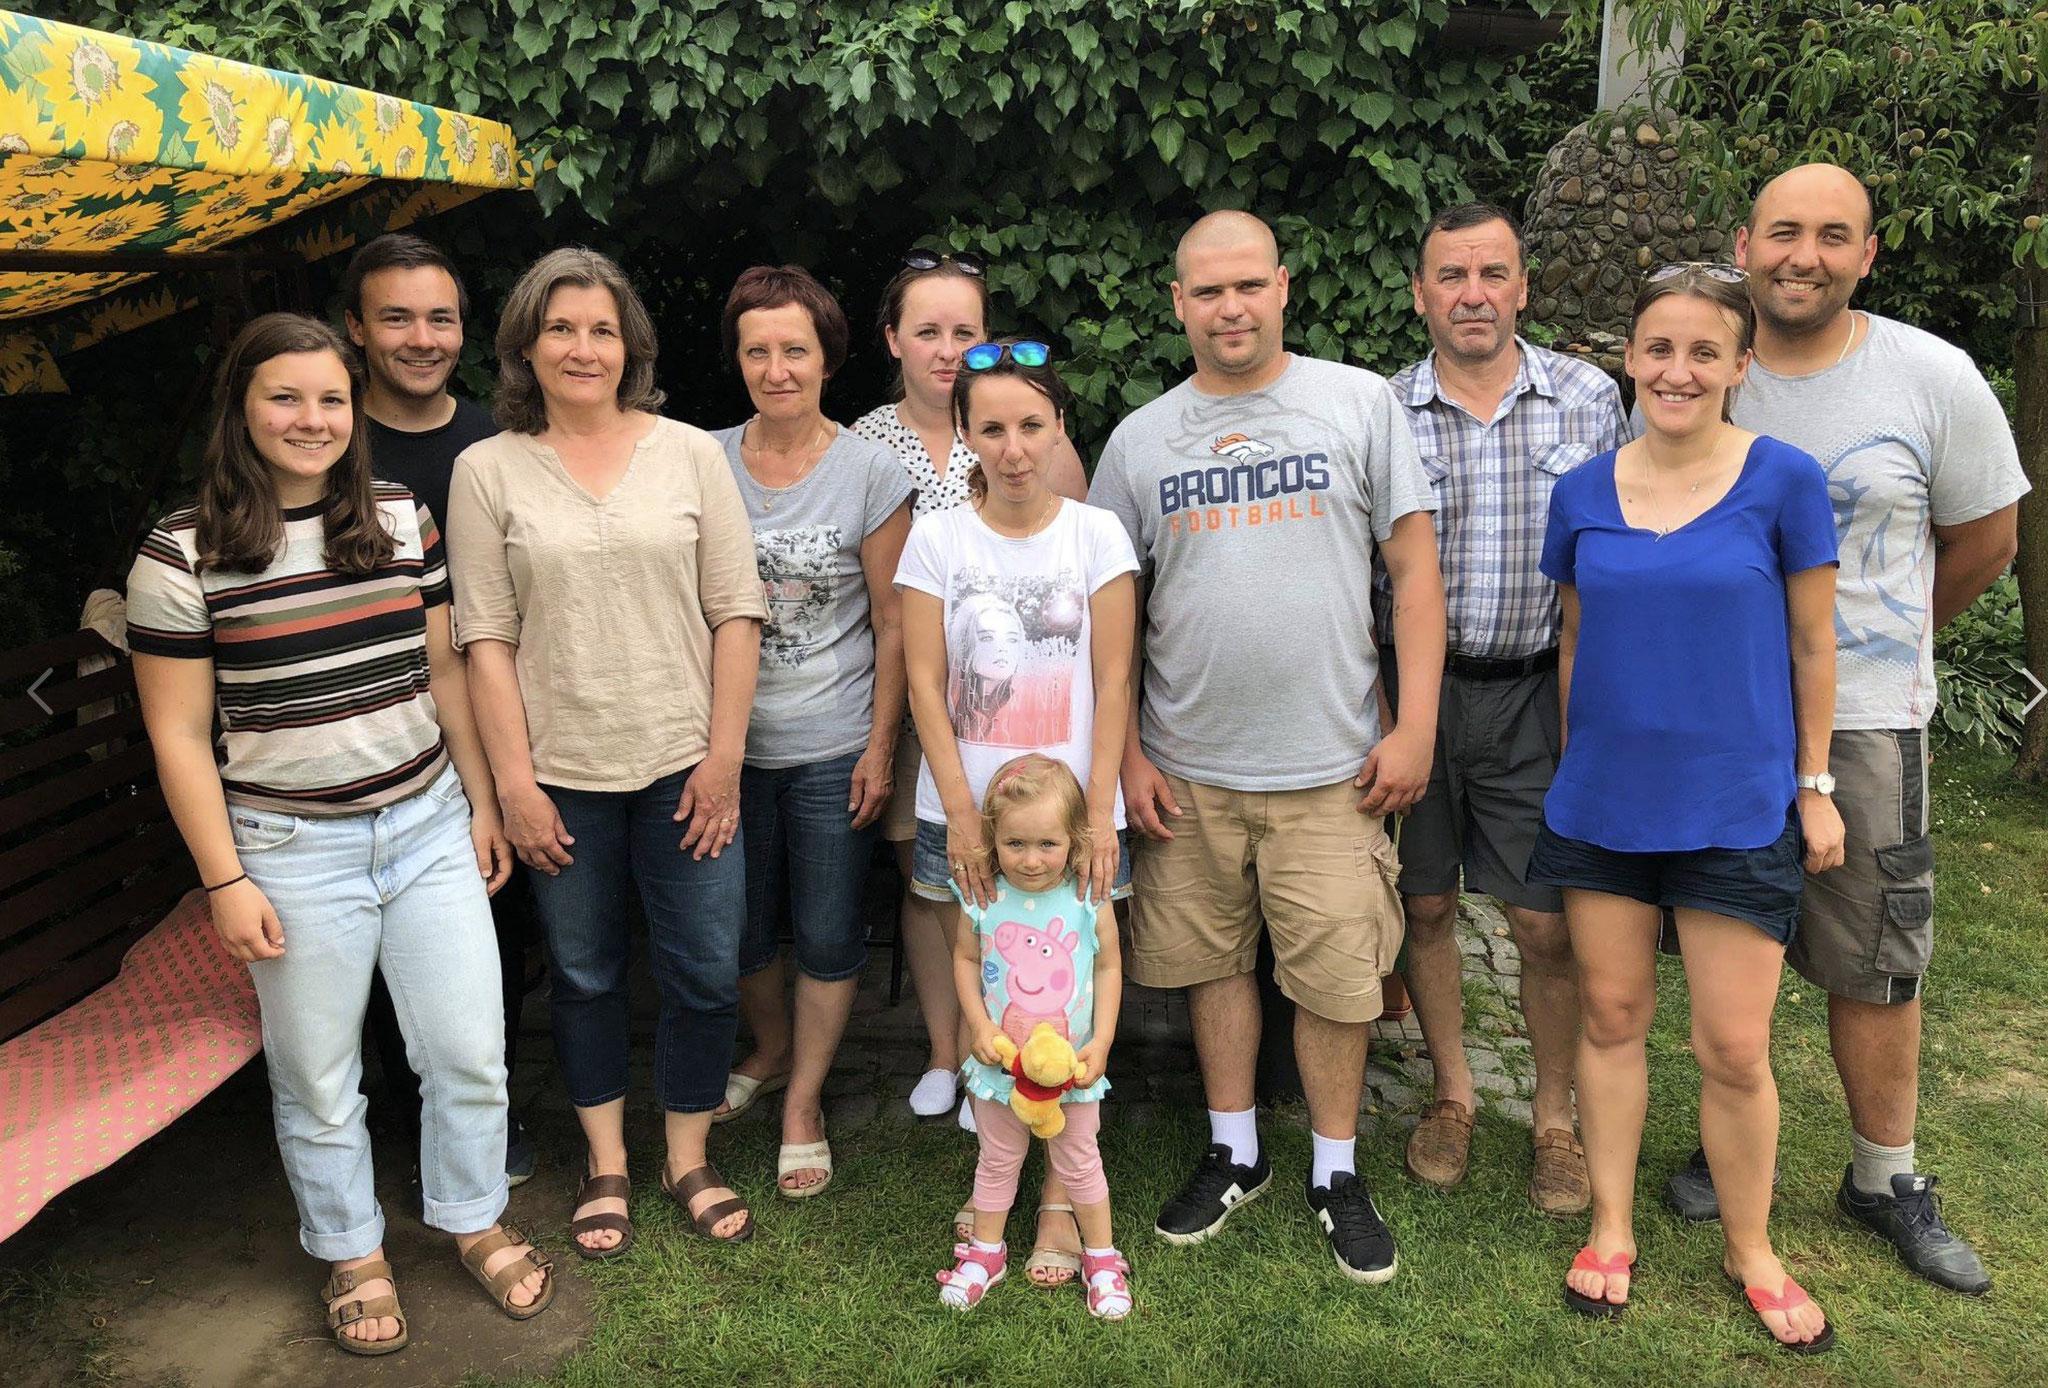 Cyndi's trip to Poland, June, 2018; Sara, Trevan, Cyndi, Halina & Joanna Krawczyk, Natalia Kardys & Maja, Miroslaw Kardys, Krystof Krawczyk, Paulina & Tomasz Filipowicz